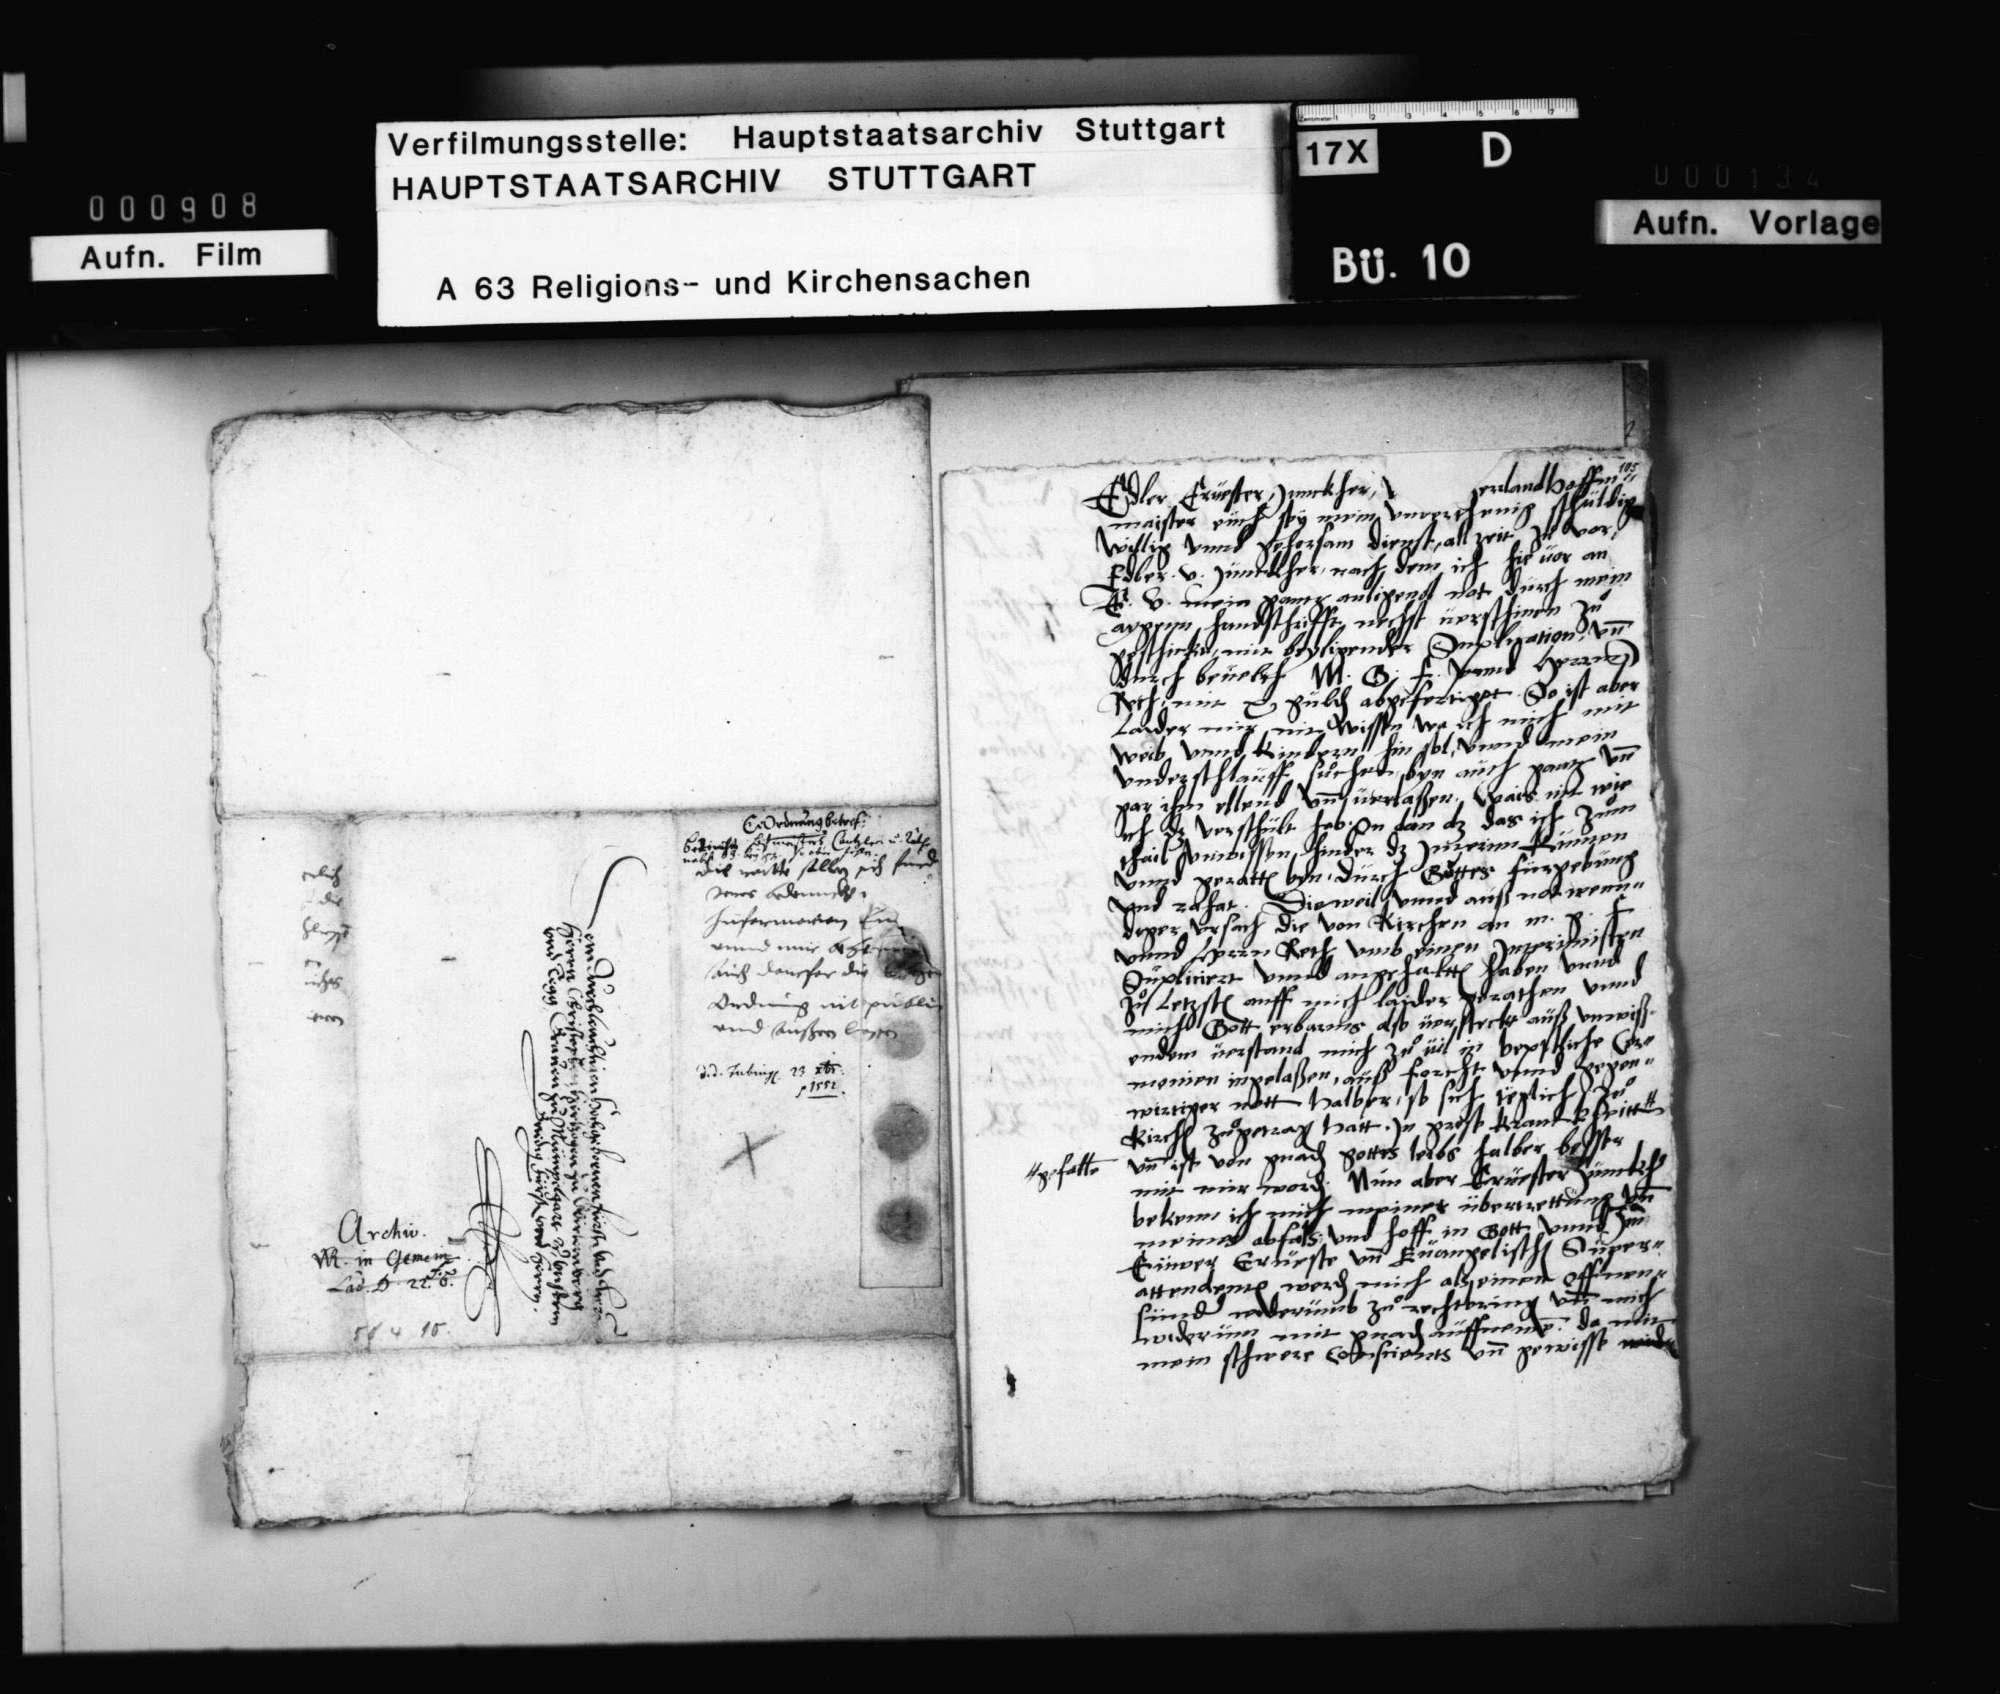 Supplikation des während des Interims papistisch gewordenen Johann Straub um Wiederanstellung, nebst Befürwortung durch Matthäus Alber und Hippolitus Resch., Bild 1